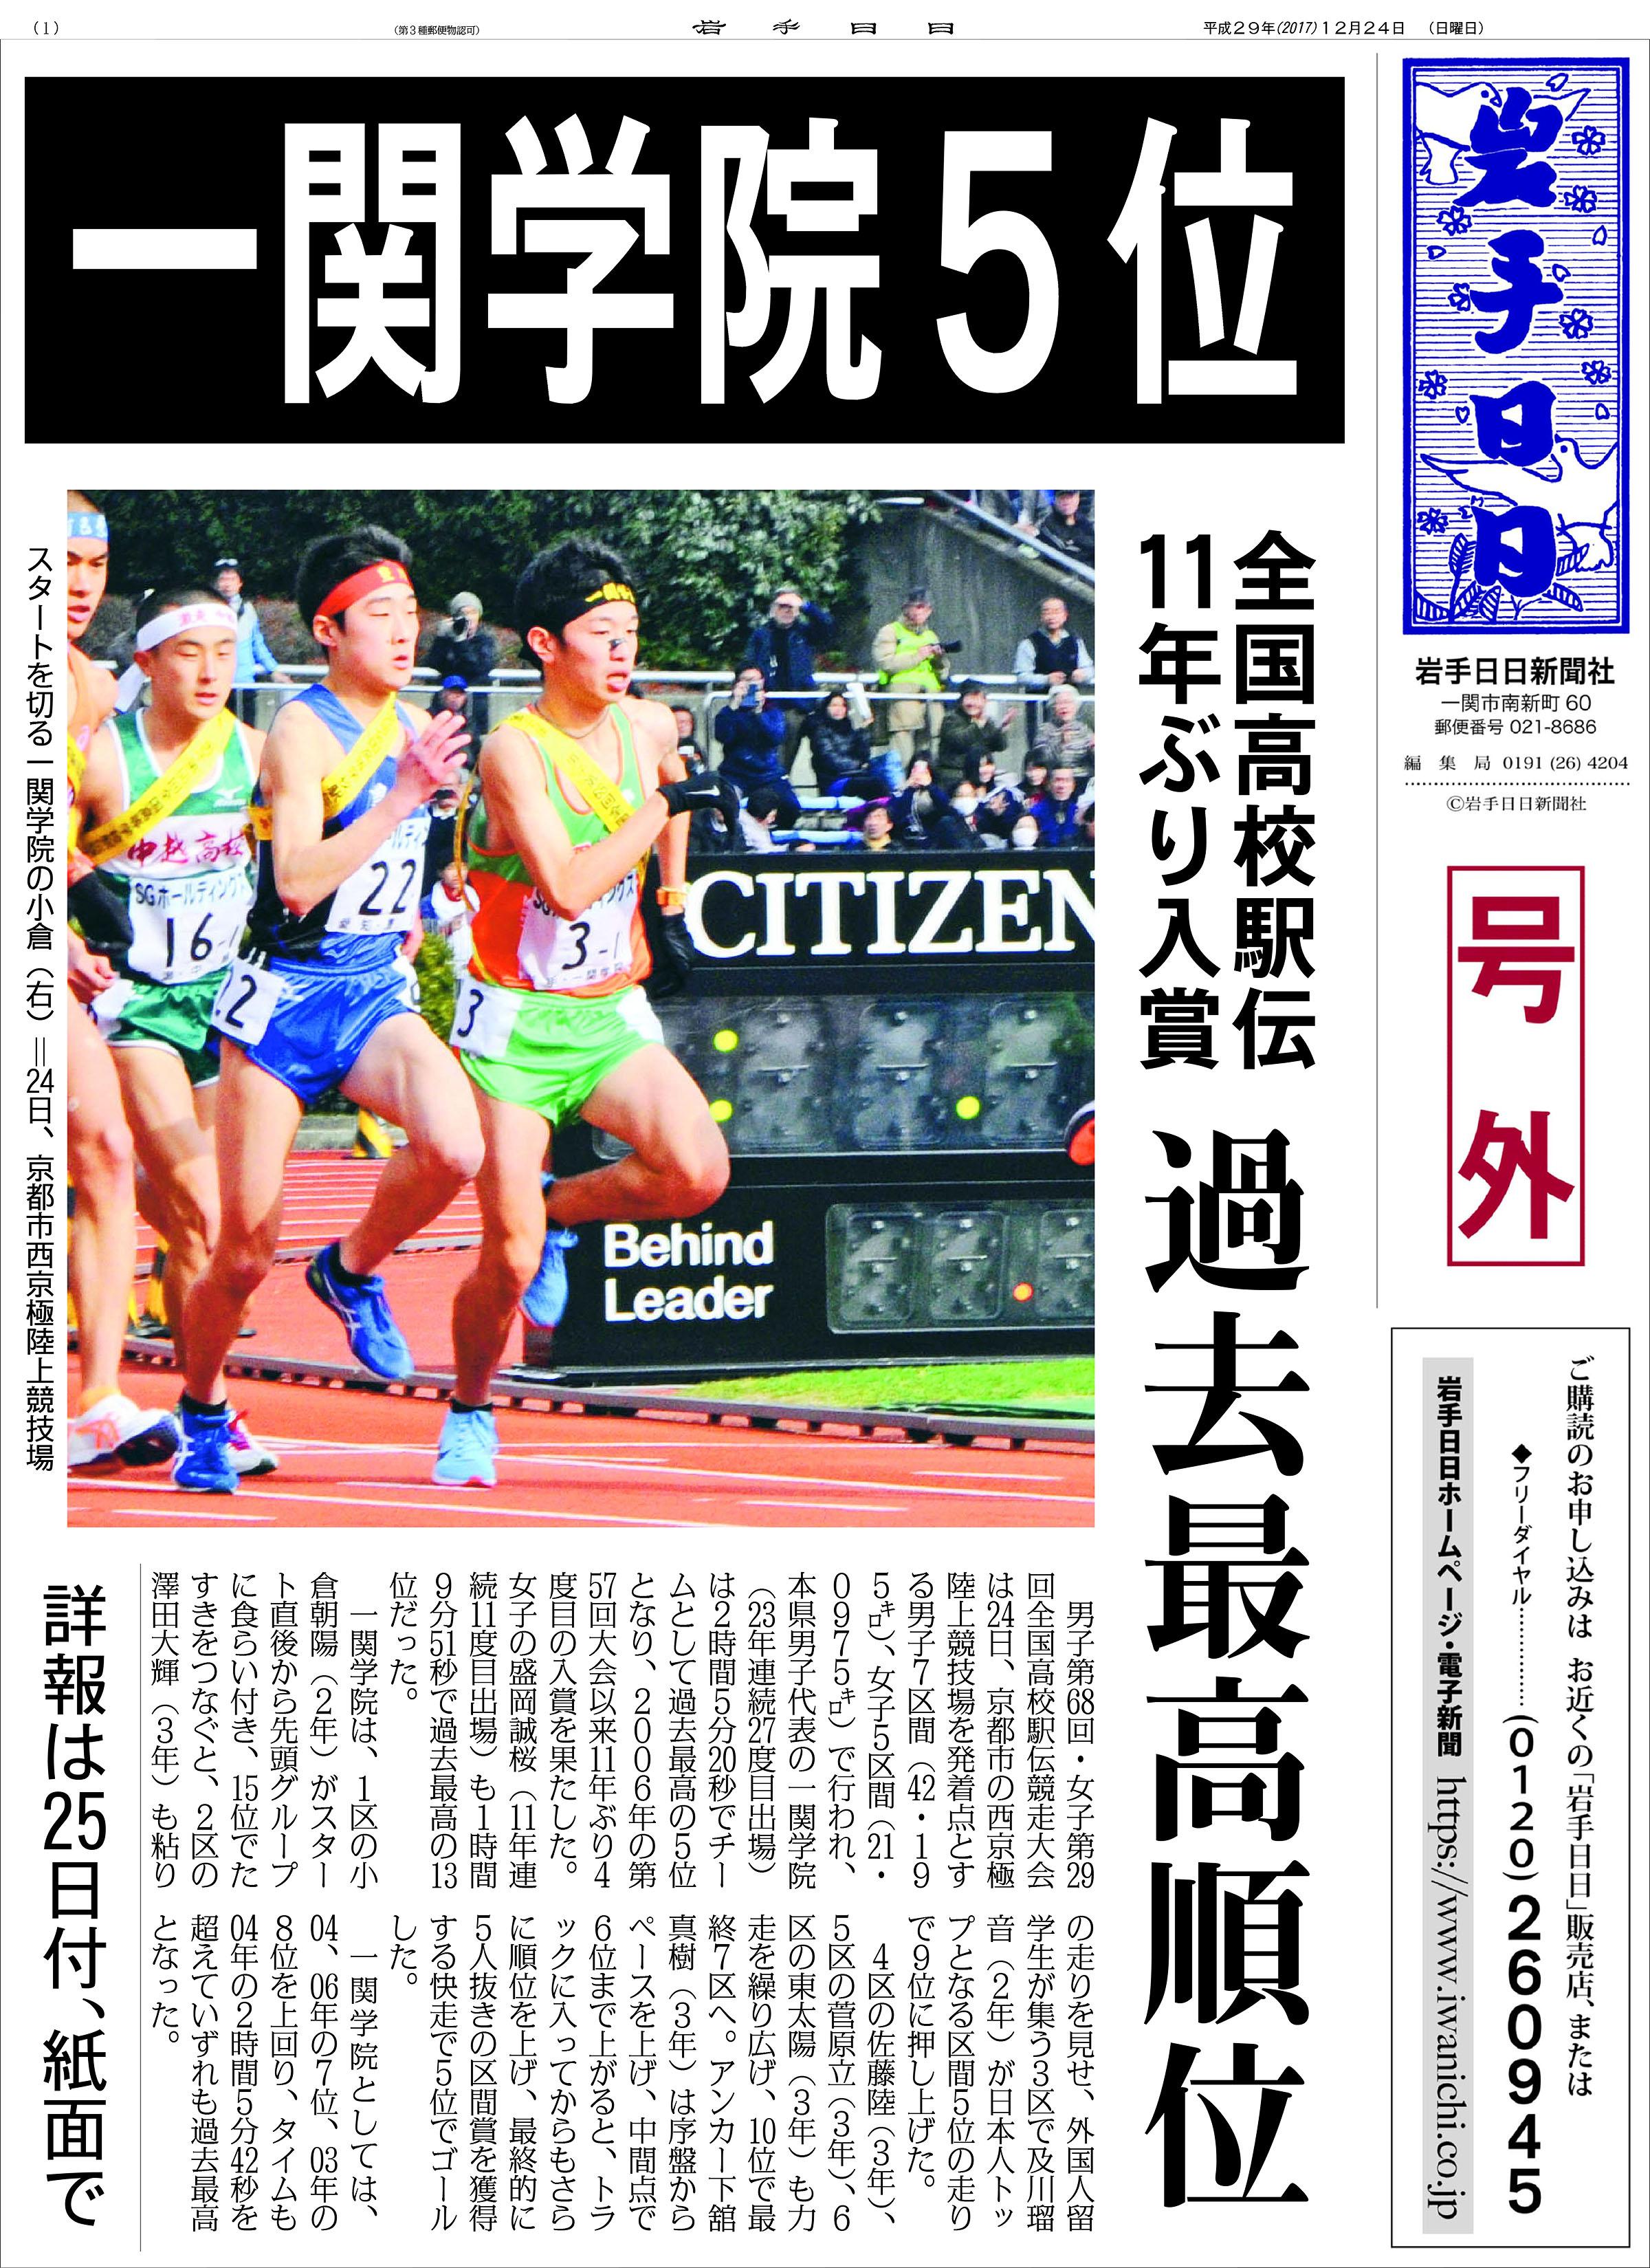 【号外】全国高校駅伝 一関学院5位入賞